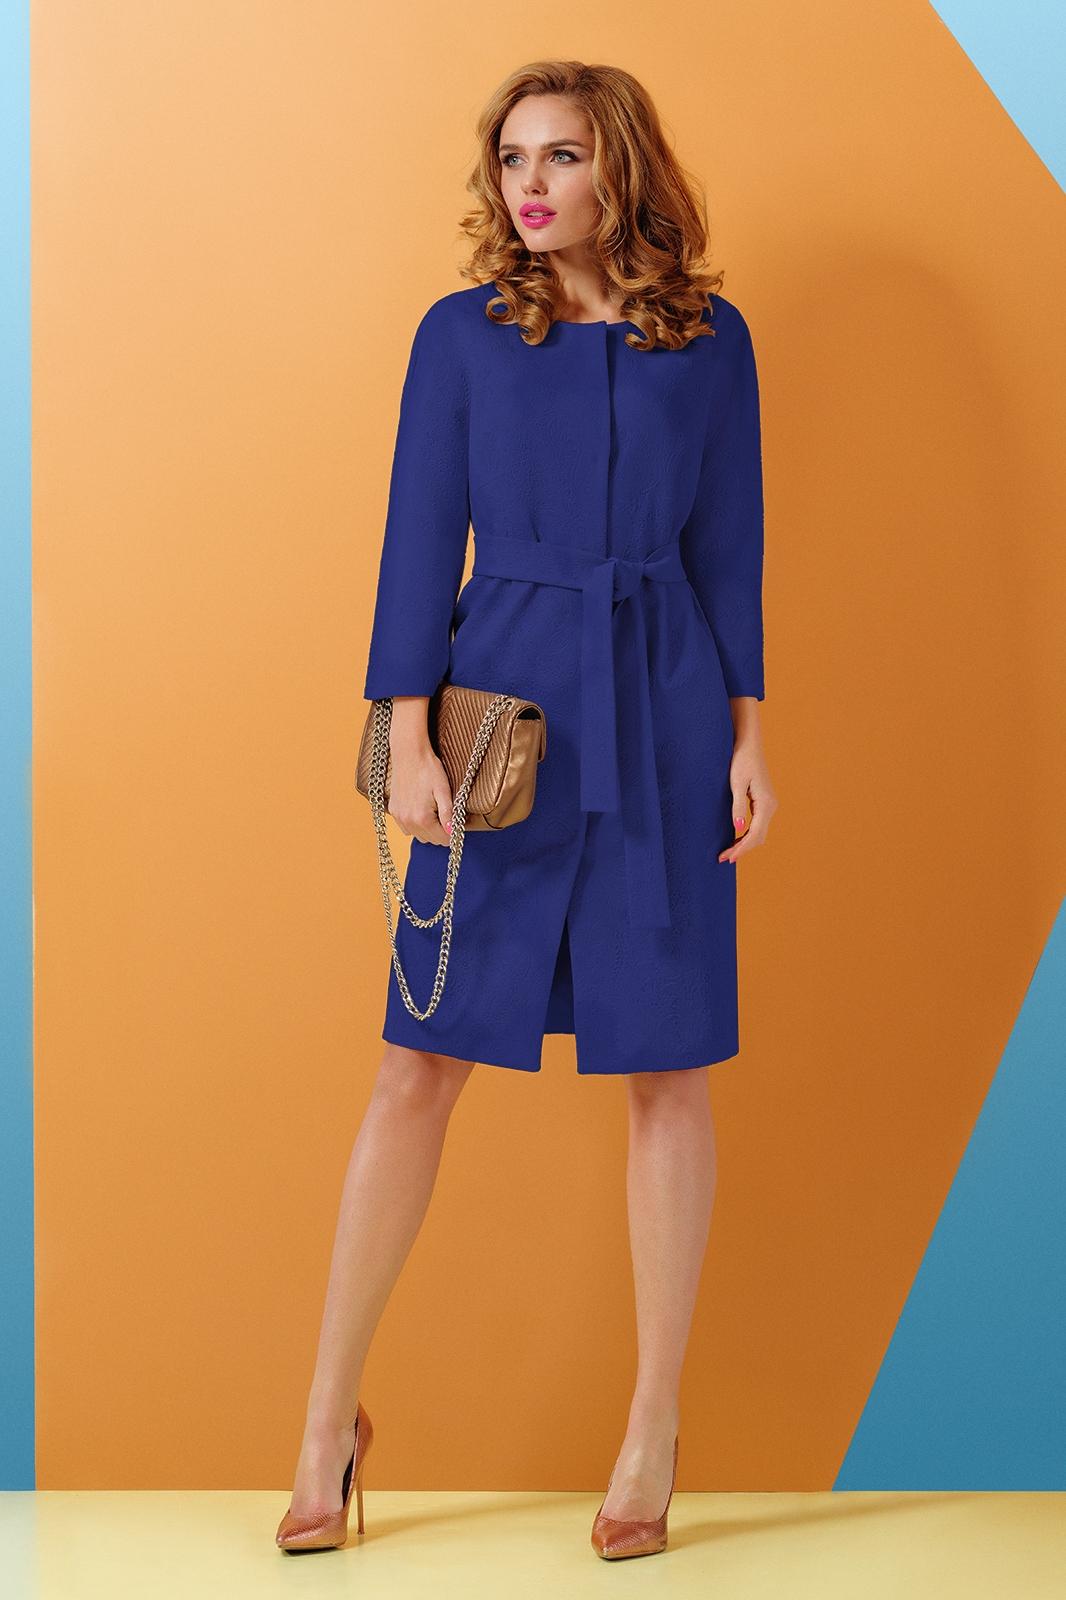 Сбор заказов. Большой выбор белорусской верхней женской одежды. Размерный ряд с 42 по 68 размеры. Есть распродажа!